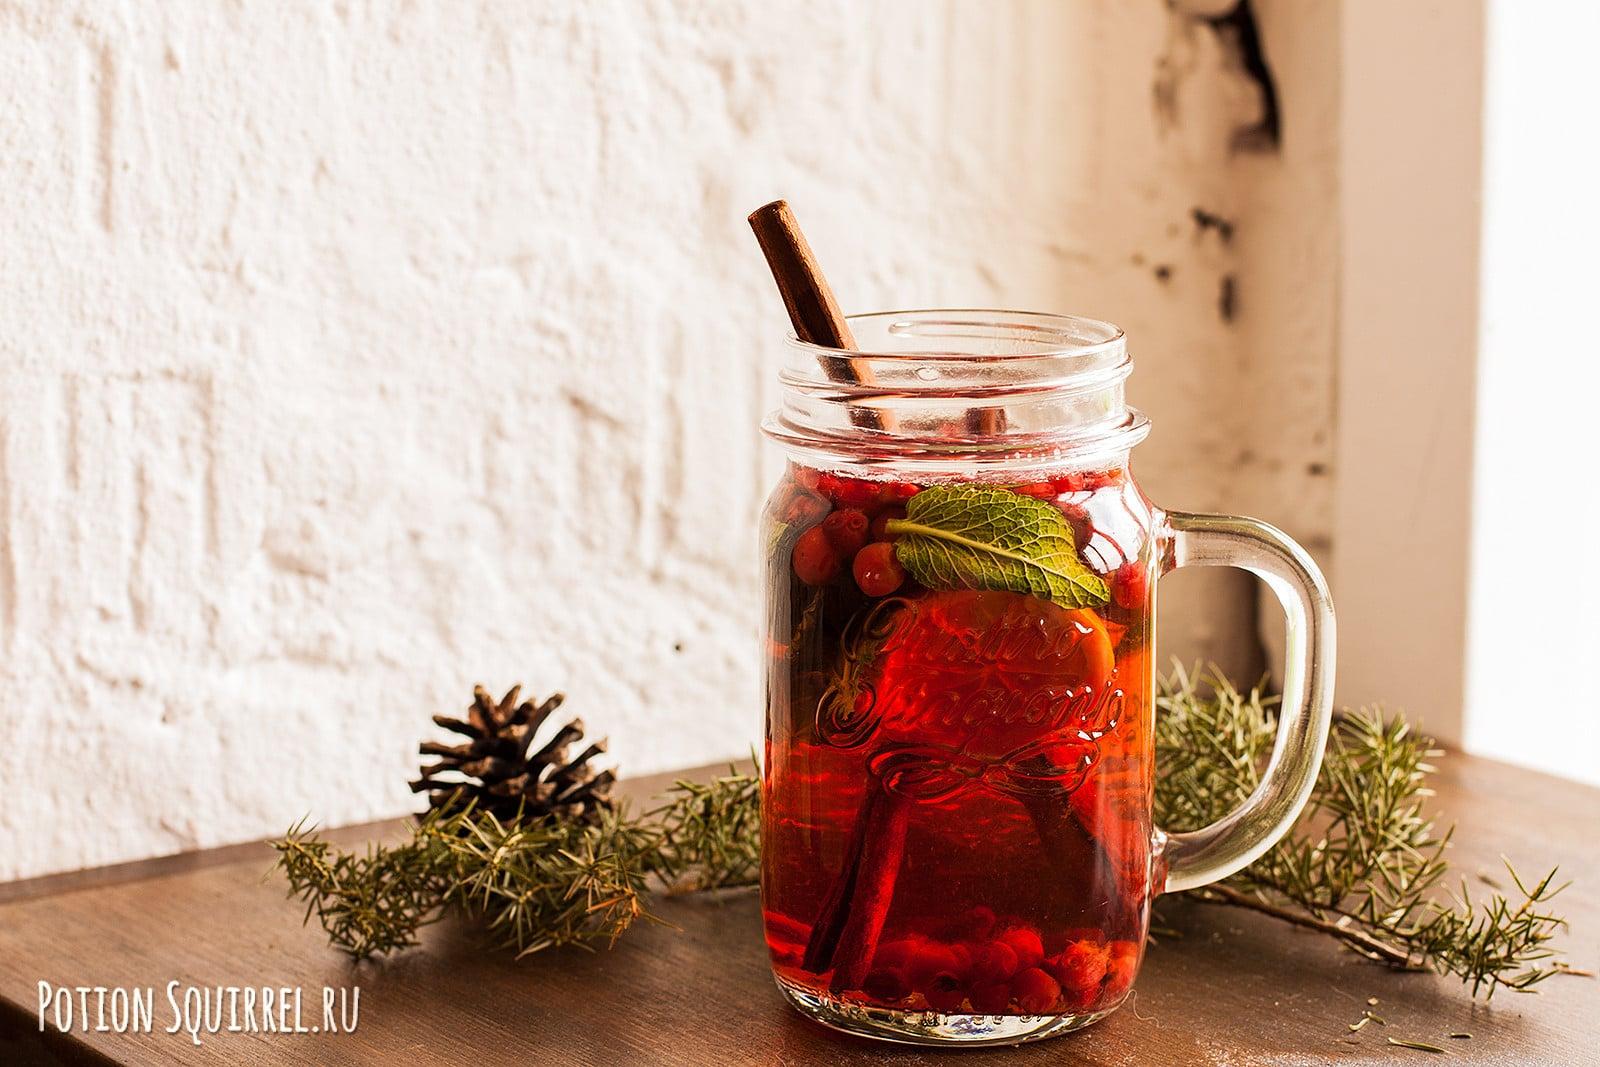 Яркий и необычайно вкусный чай с брусникой от potionsquirrel.ru